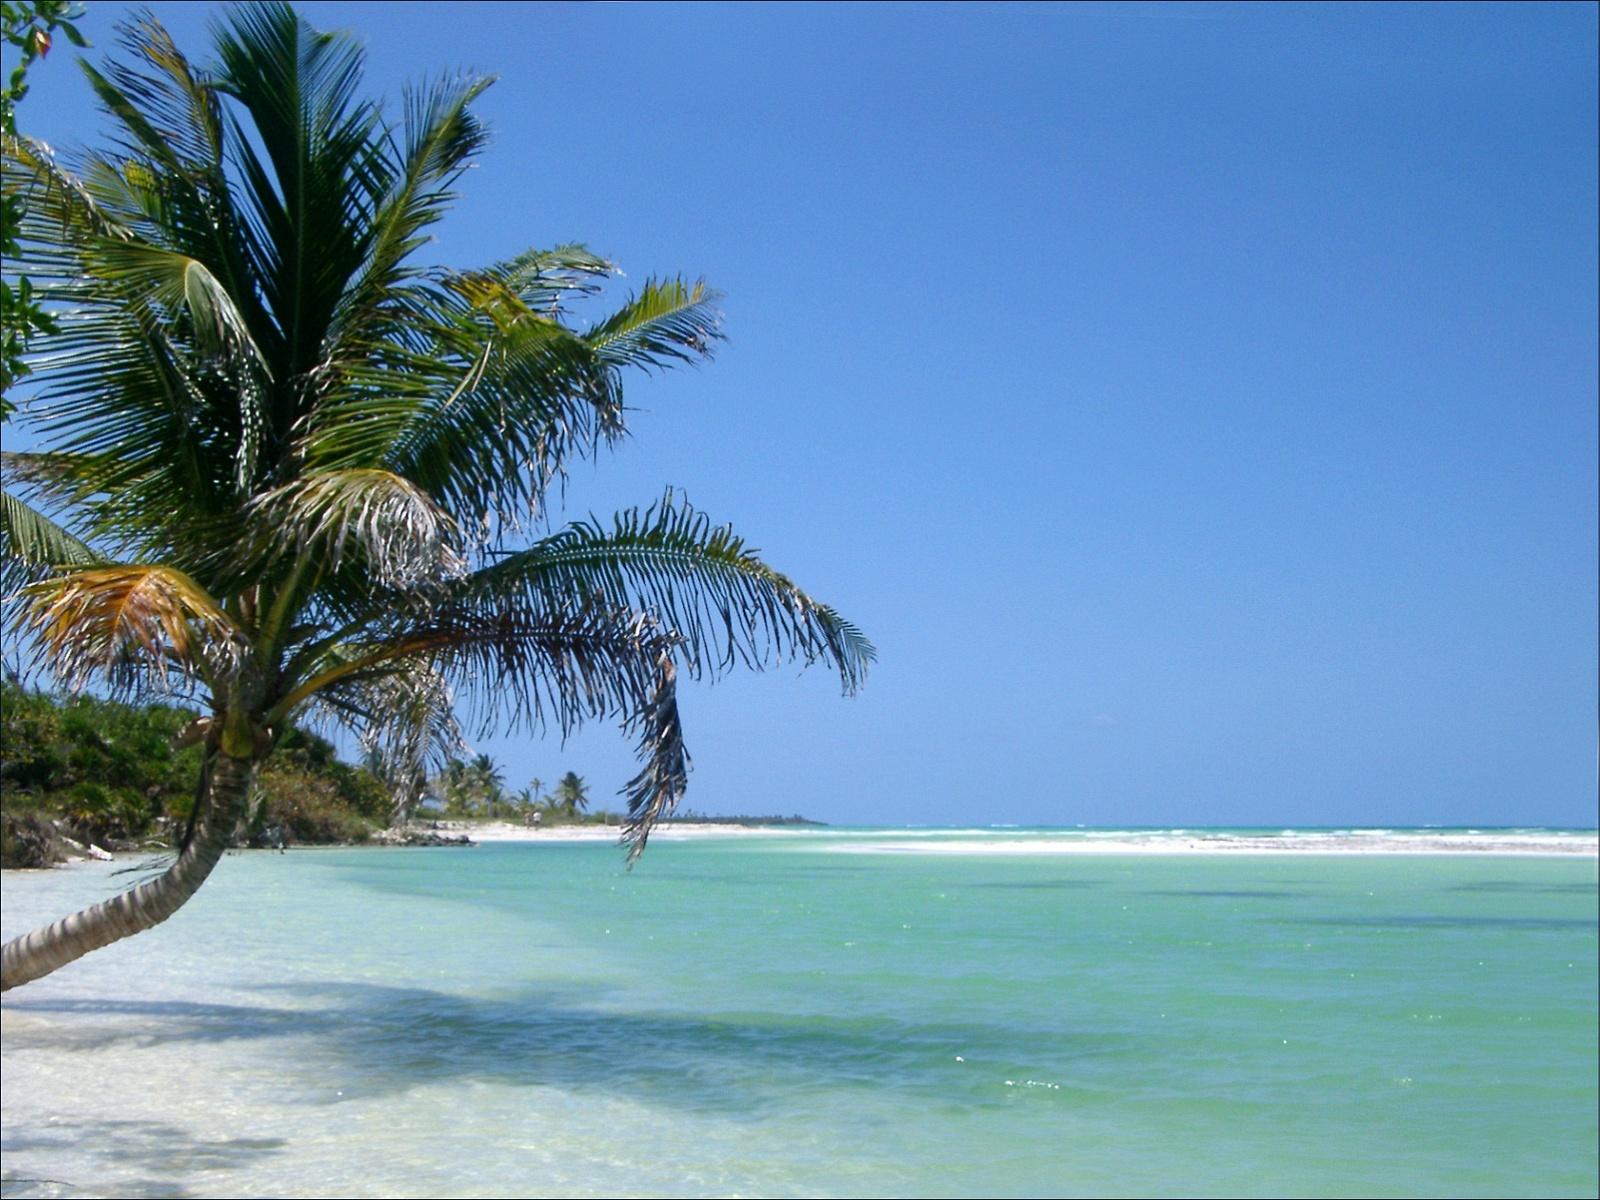 http://3.bp.blogspot.com/-o-Ck8MEuySk/UHZ8uMeFBEI/AAAAAAAAImU/fpgU1qVyLCk/s1600/beach-wallpaper-hd-43.jpg